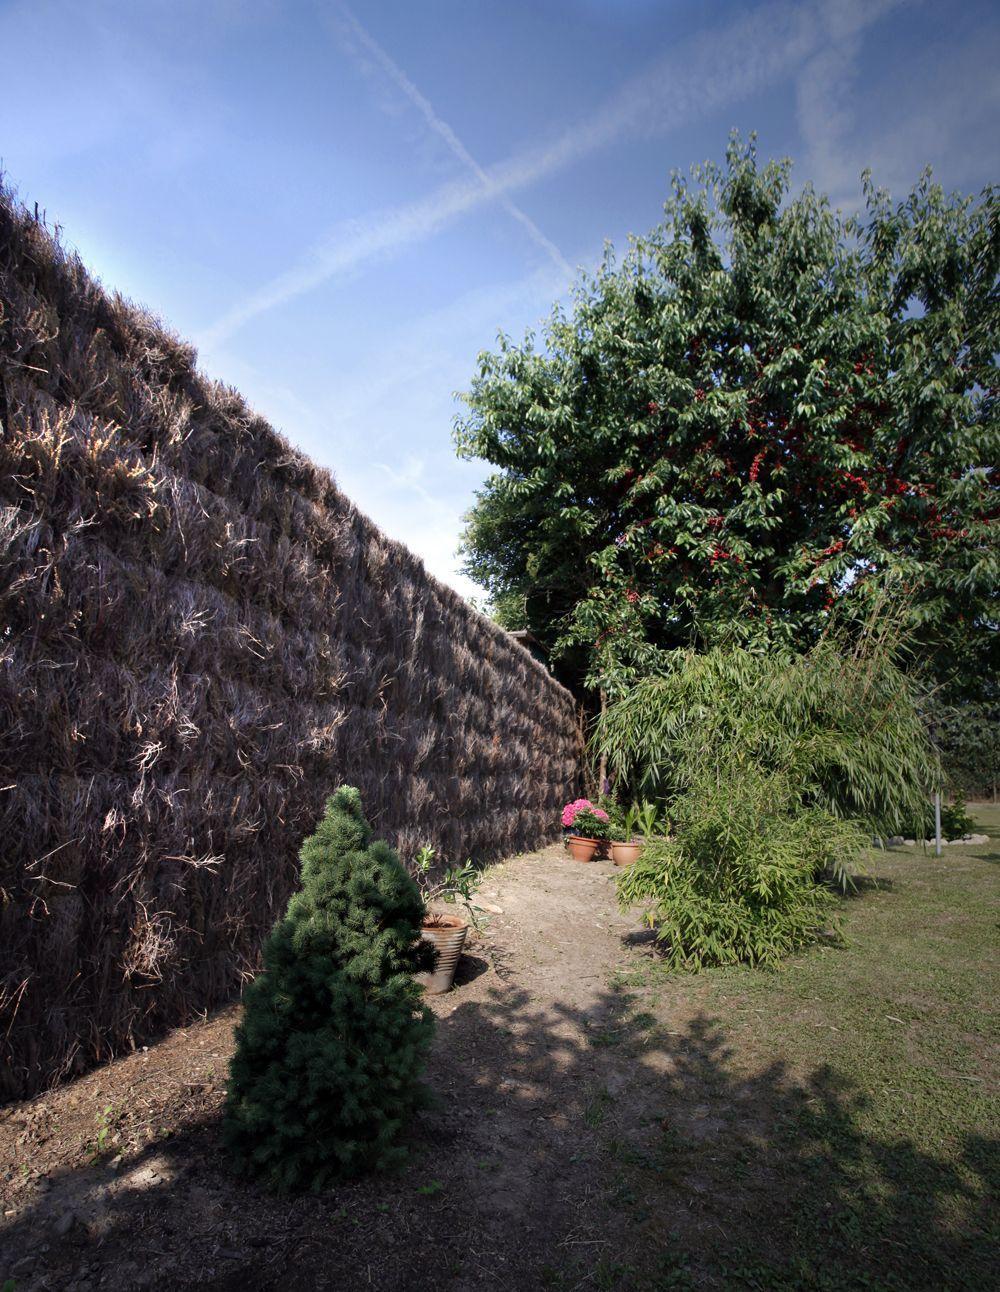 Sichtschutz aus Heidekraut - die solide Alterantive zu Bambus und Weide. #bambussichtschutz Sichtschutz aus Heidekraut - die solide Alterantive zu Bambus und Weide. #bambussichtschutz Sichtschutz aus Heidekraut - die solide Alterantive zu Bambus und Weide. #bambussichtschutz Sichtschutz aus Heidekraut - die solide Alterantive zu Bambus und Weide. #bambussichtschutz